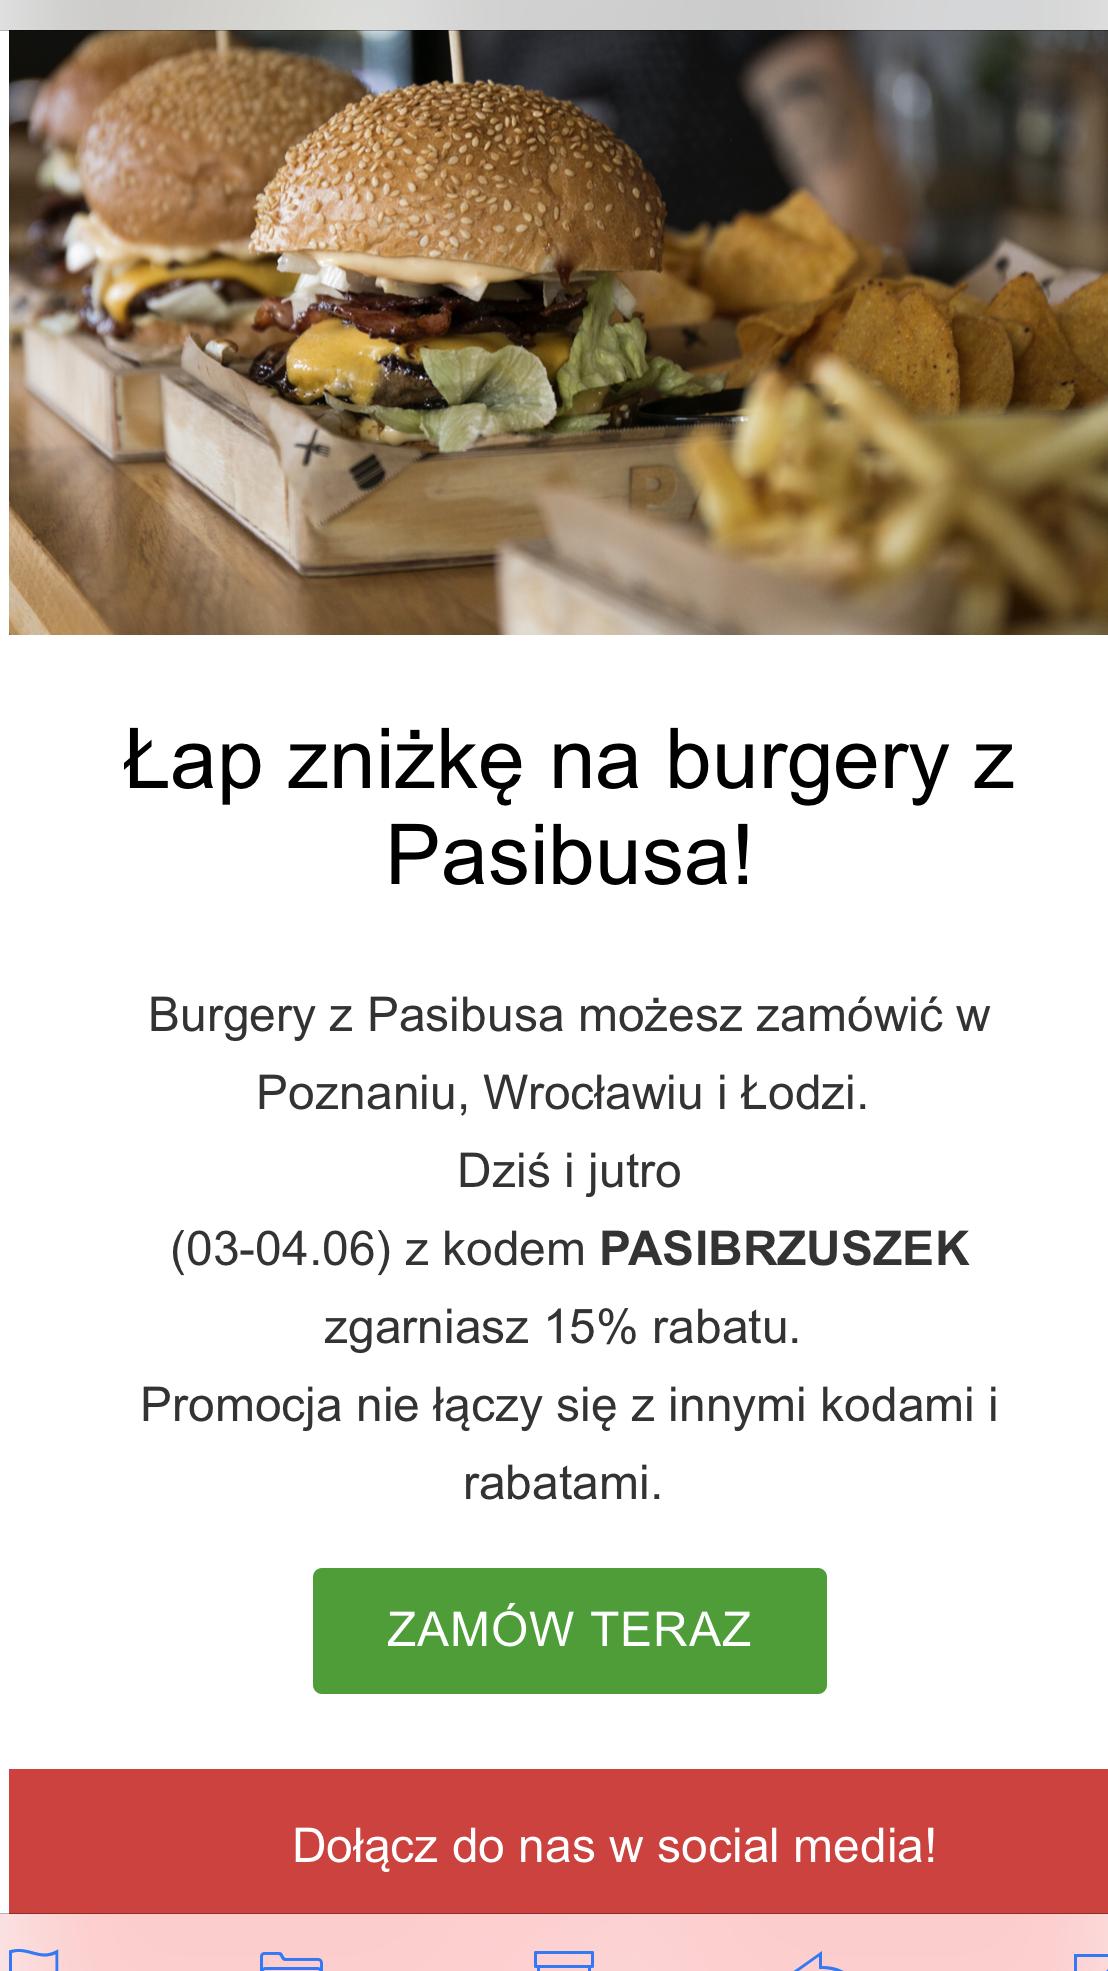 Glodny.pl - 15% na burgery w Pasibusie